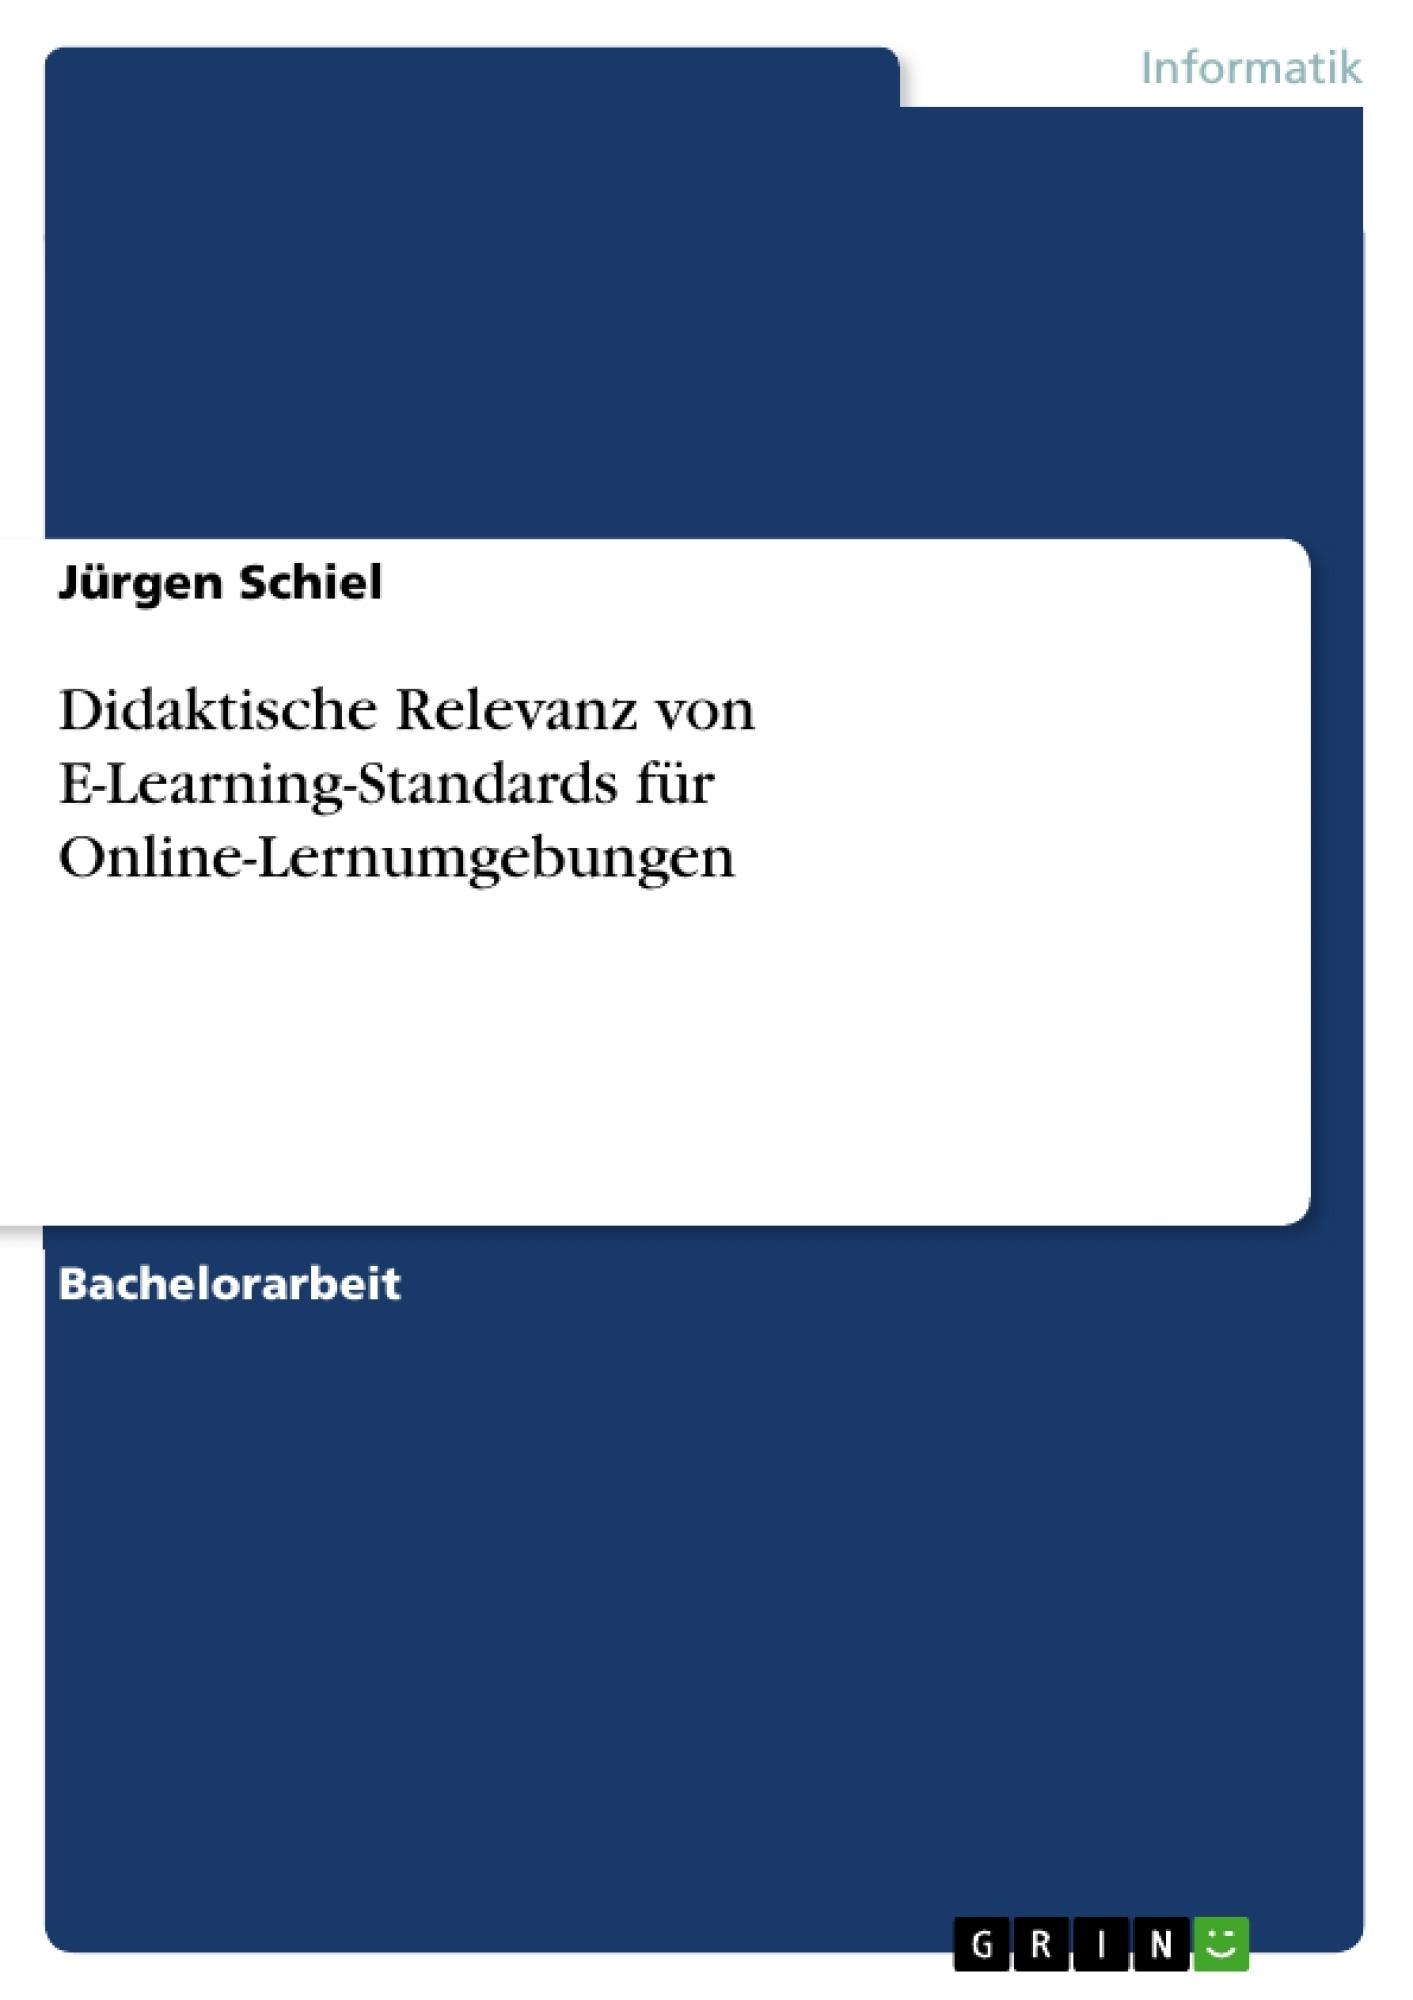 Titel: Didaktische Relevanz von E-Learning-Standards für Online-Lernumgebungen